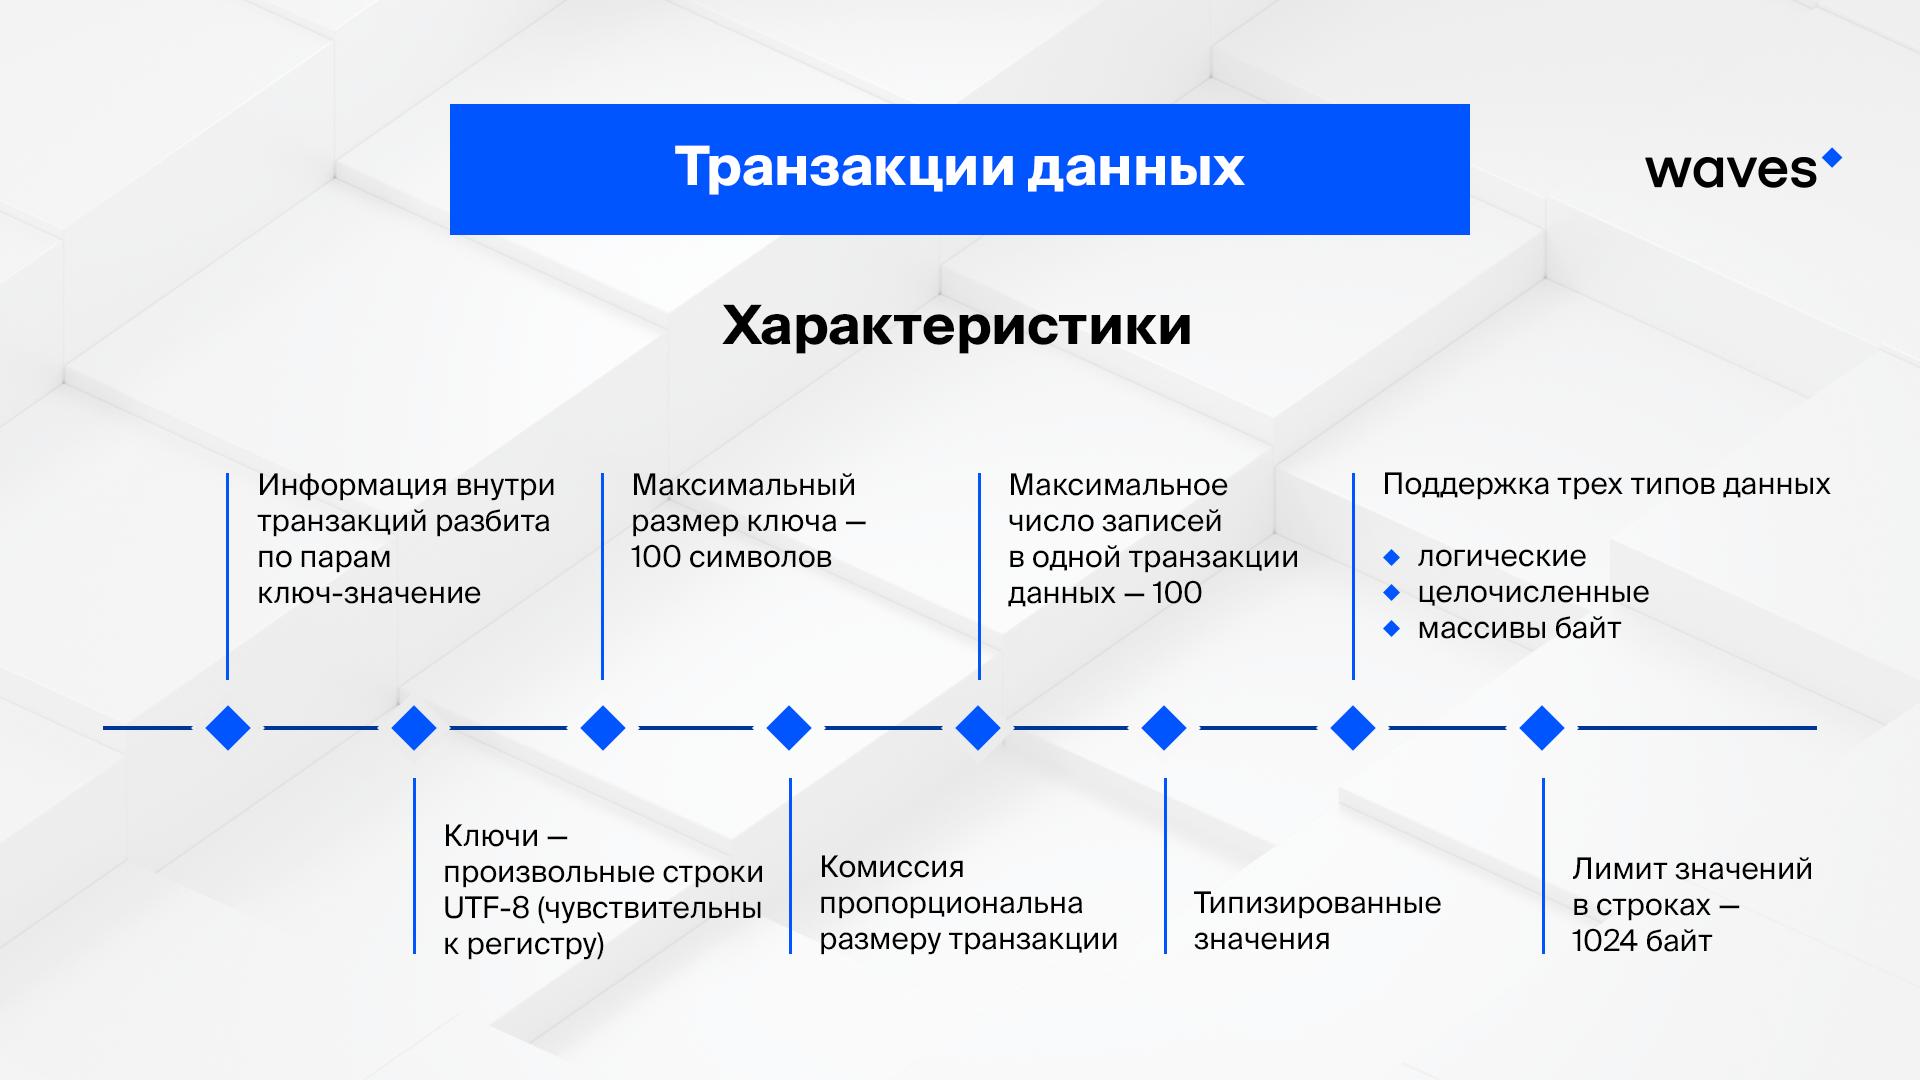 Транзакции данных. Характеристики